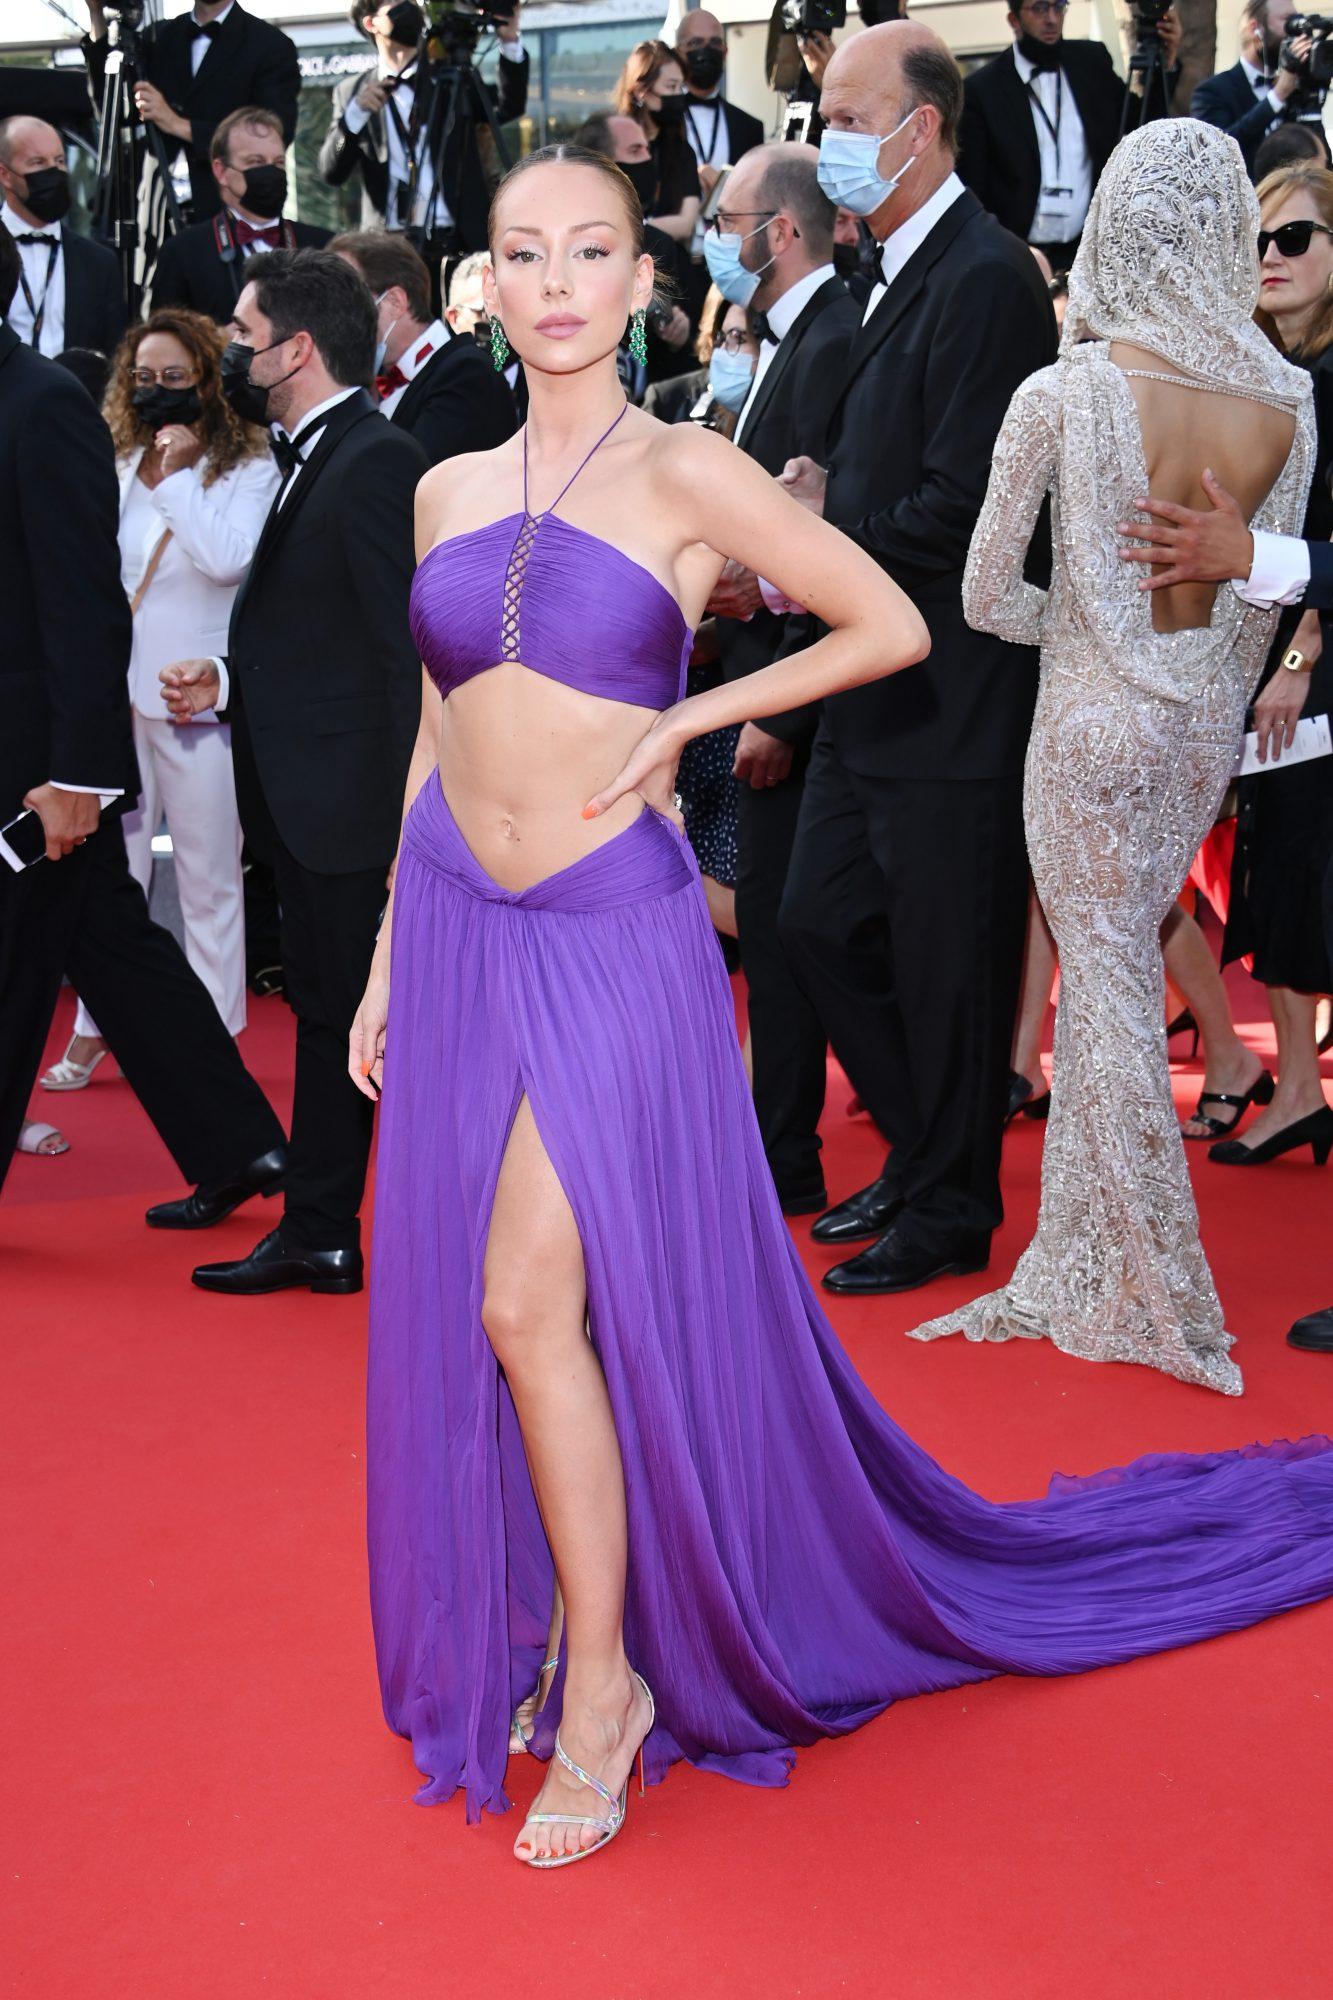 Ester Exposito en Cannes, vestido morado